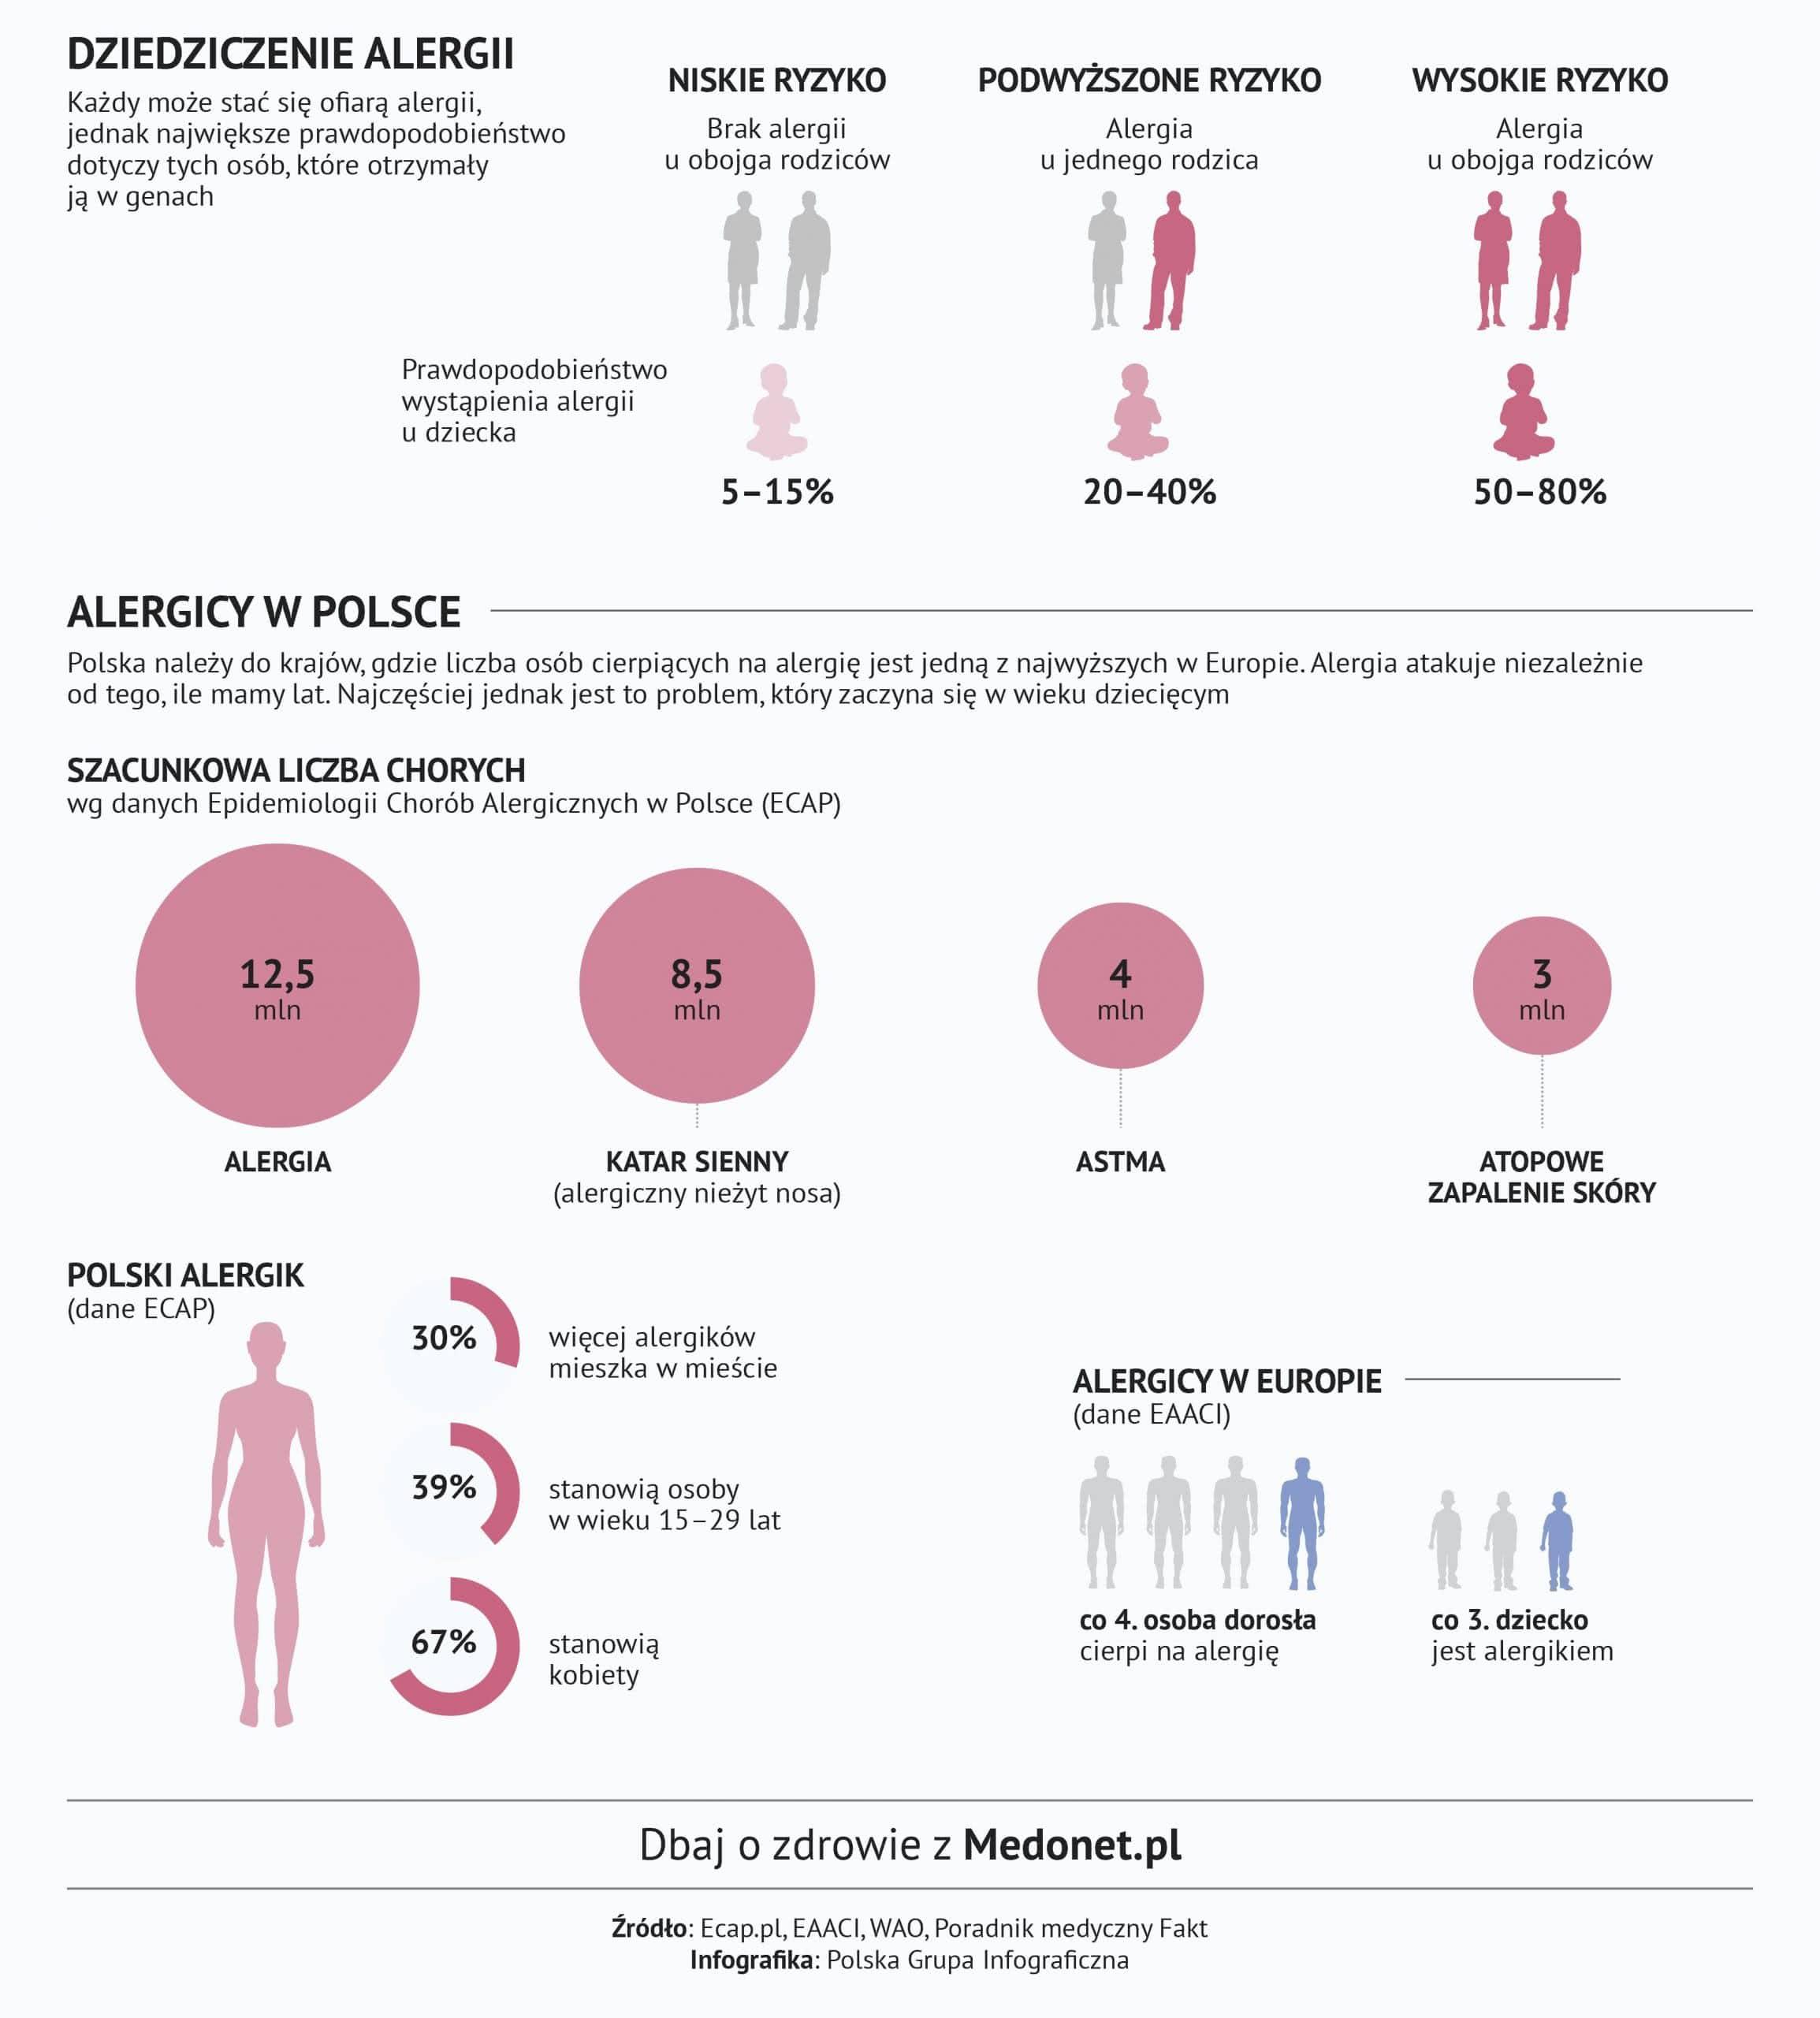 Alergie wziewne, krótka charakterystyka 3